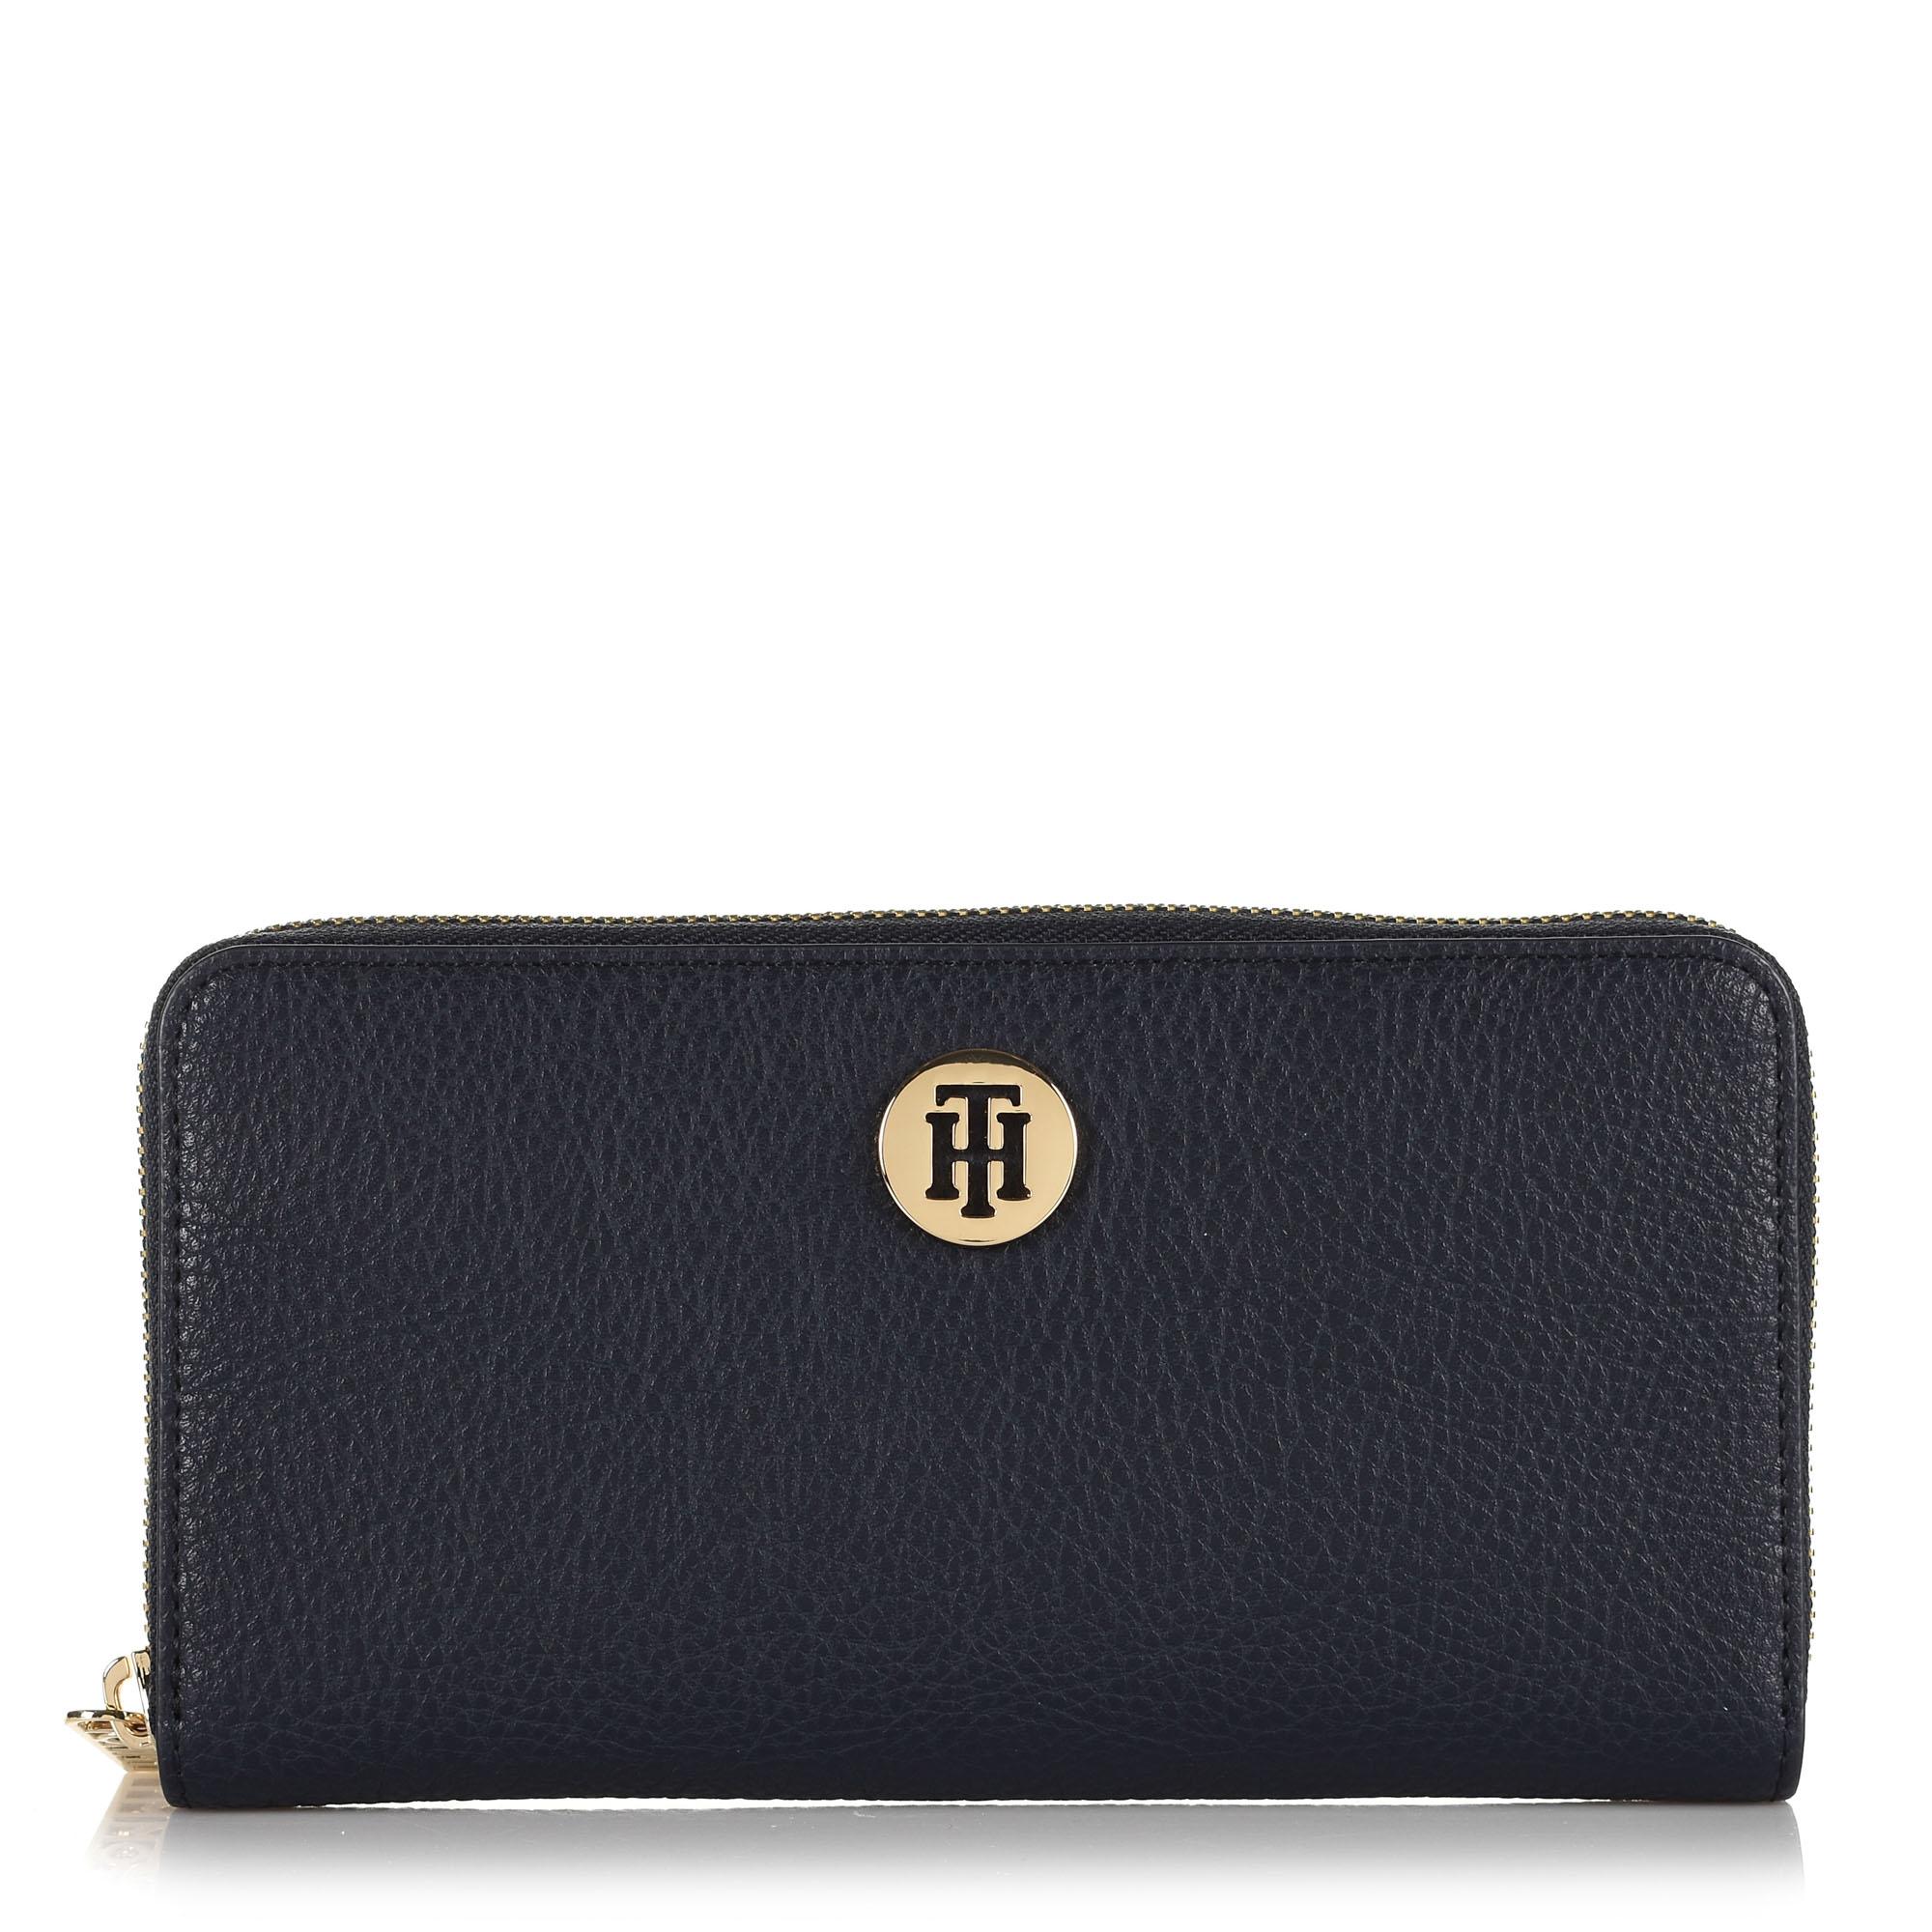 Πορτοφόλι Κασετίνα Tommy Hilfiger Core LRG ZA Wallet AW0AW07733